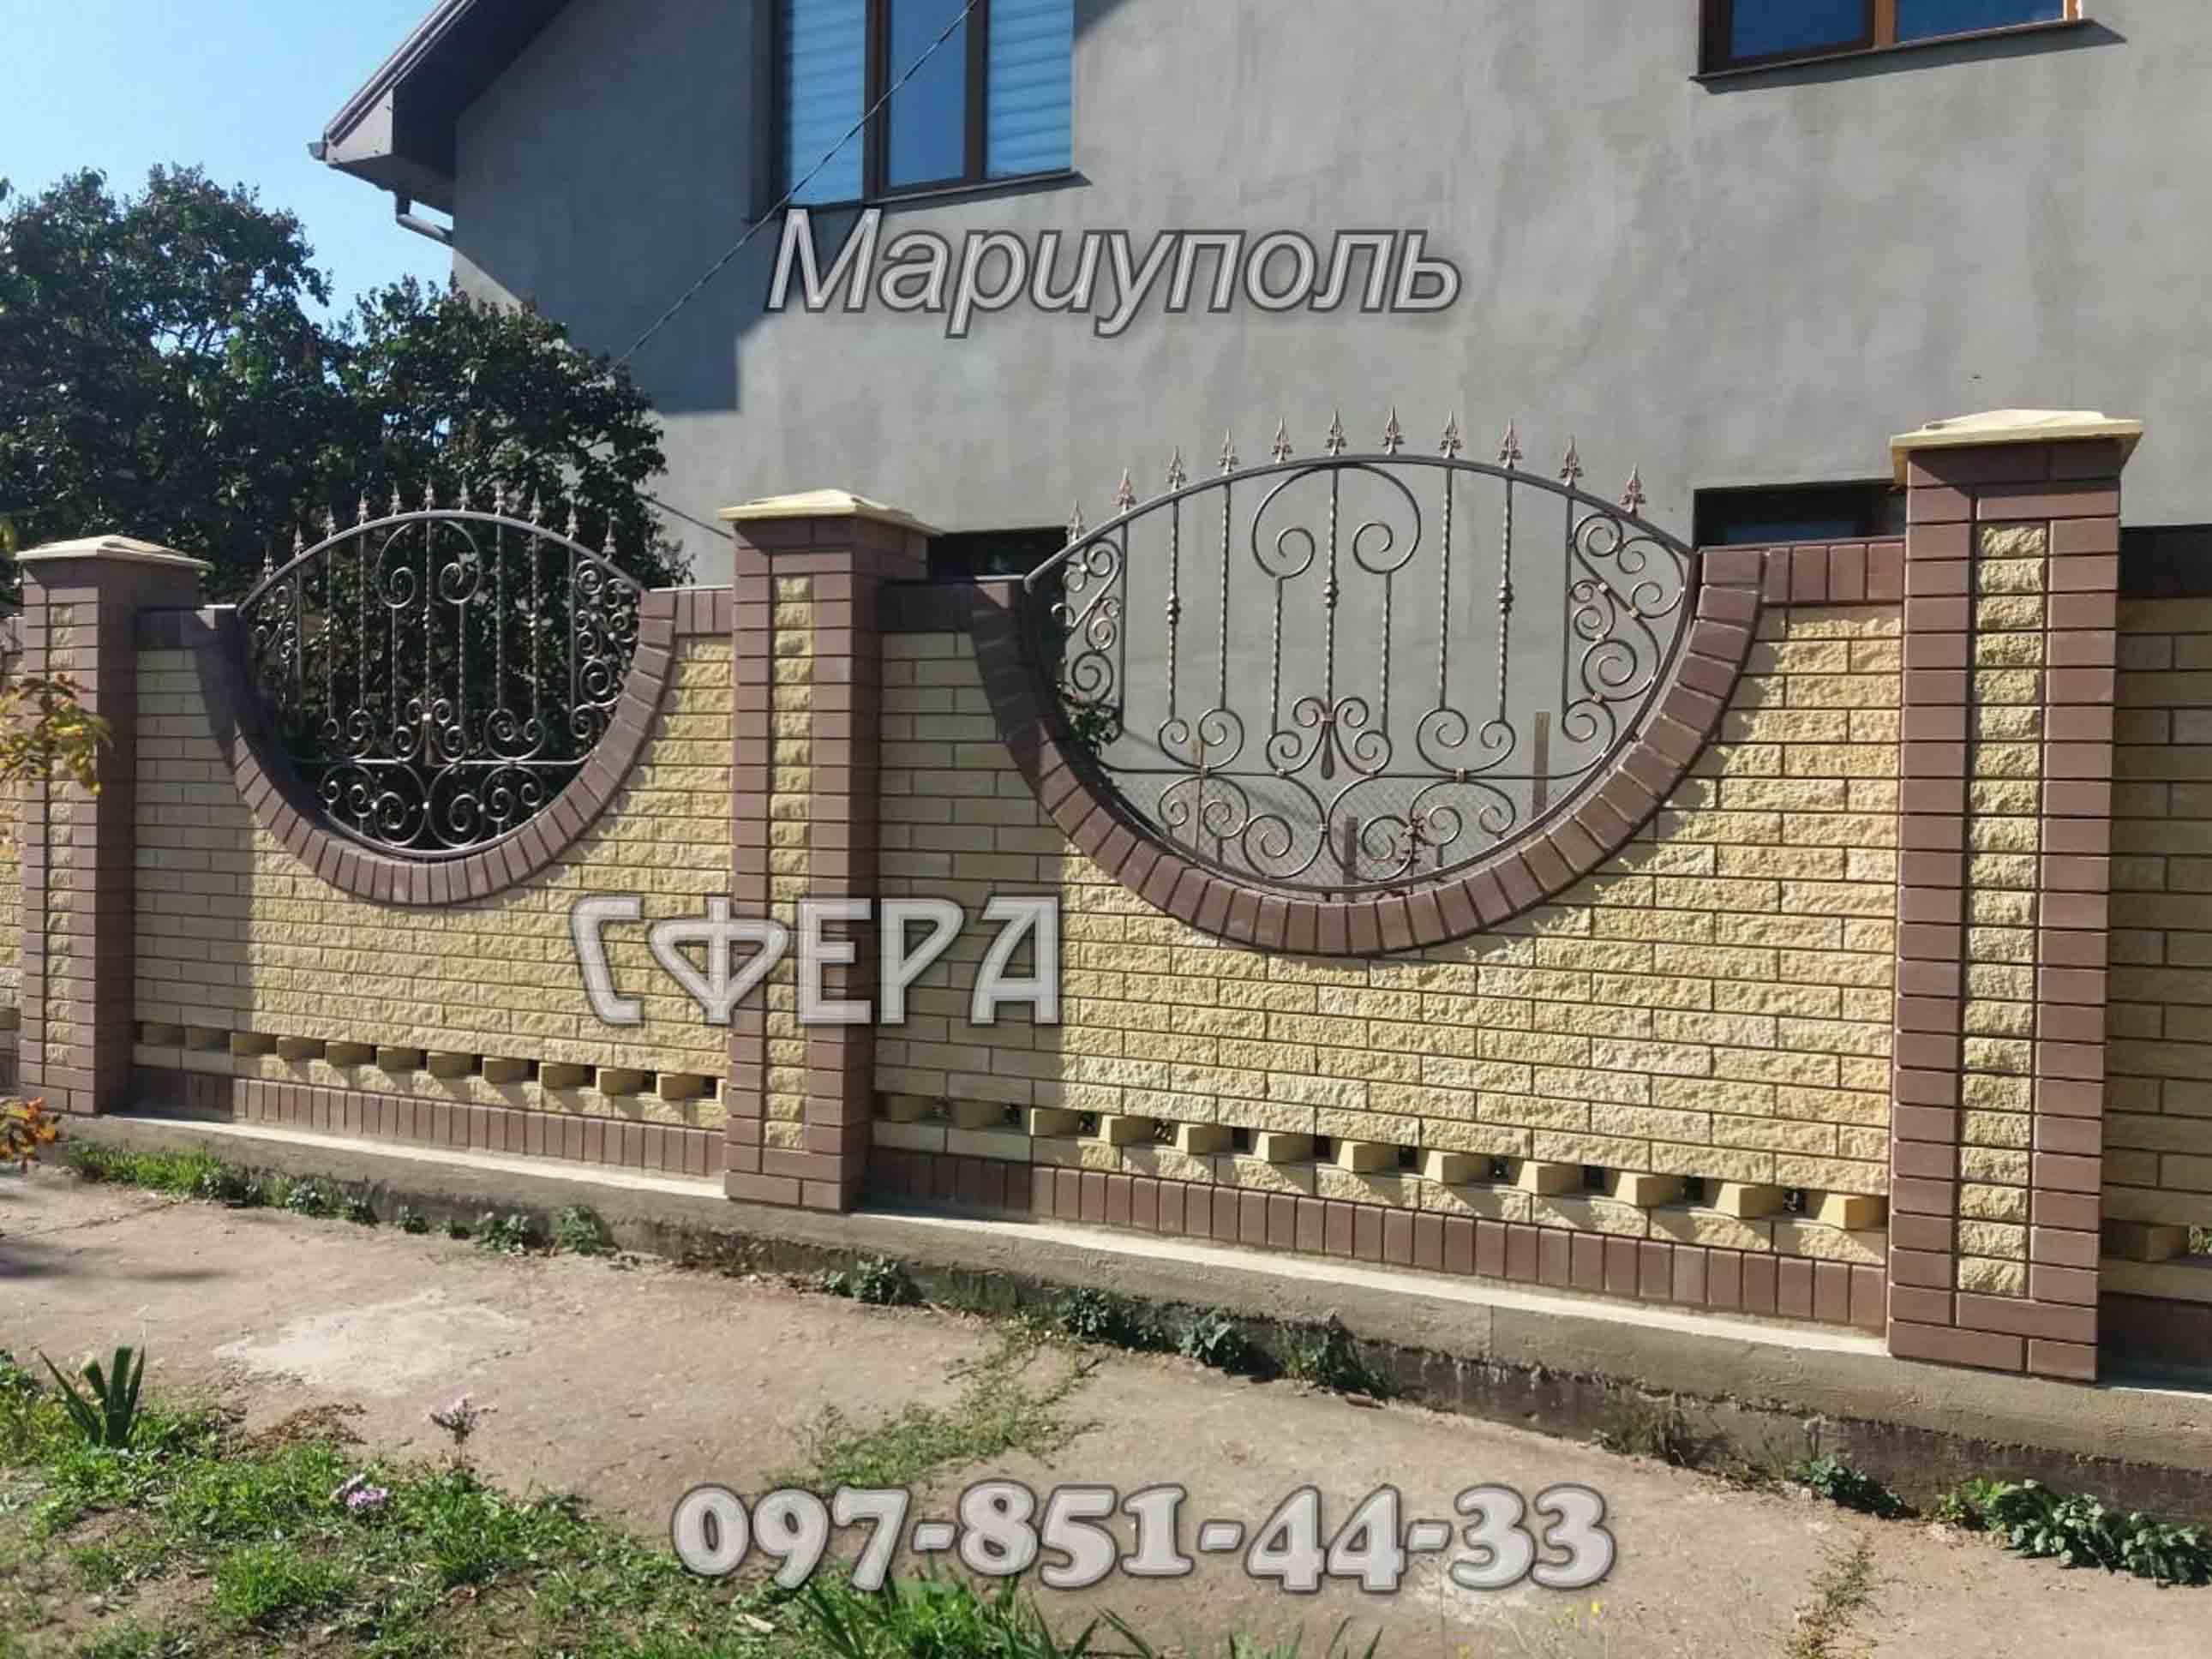 Заборы металлические, кованые, с профлиста, блок-хаус, решетчатые. фото 3